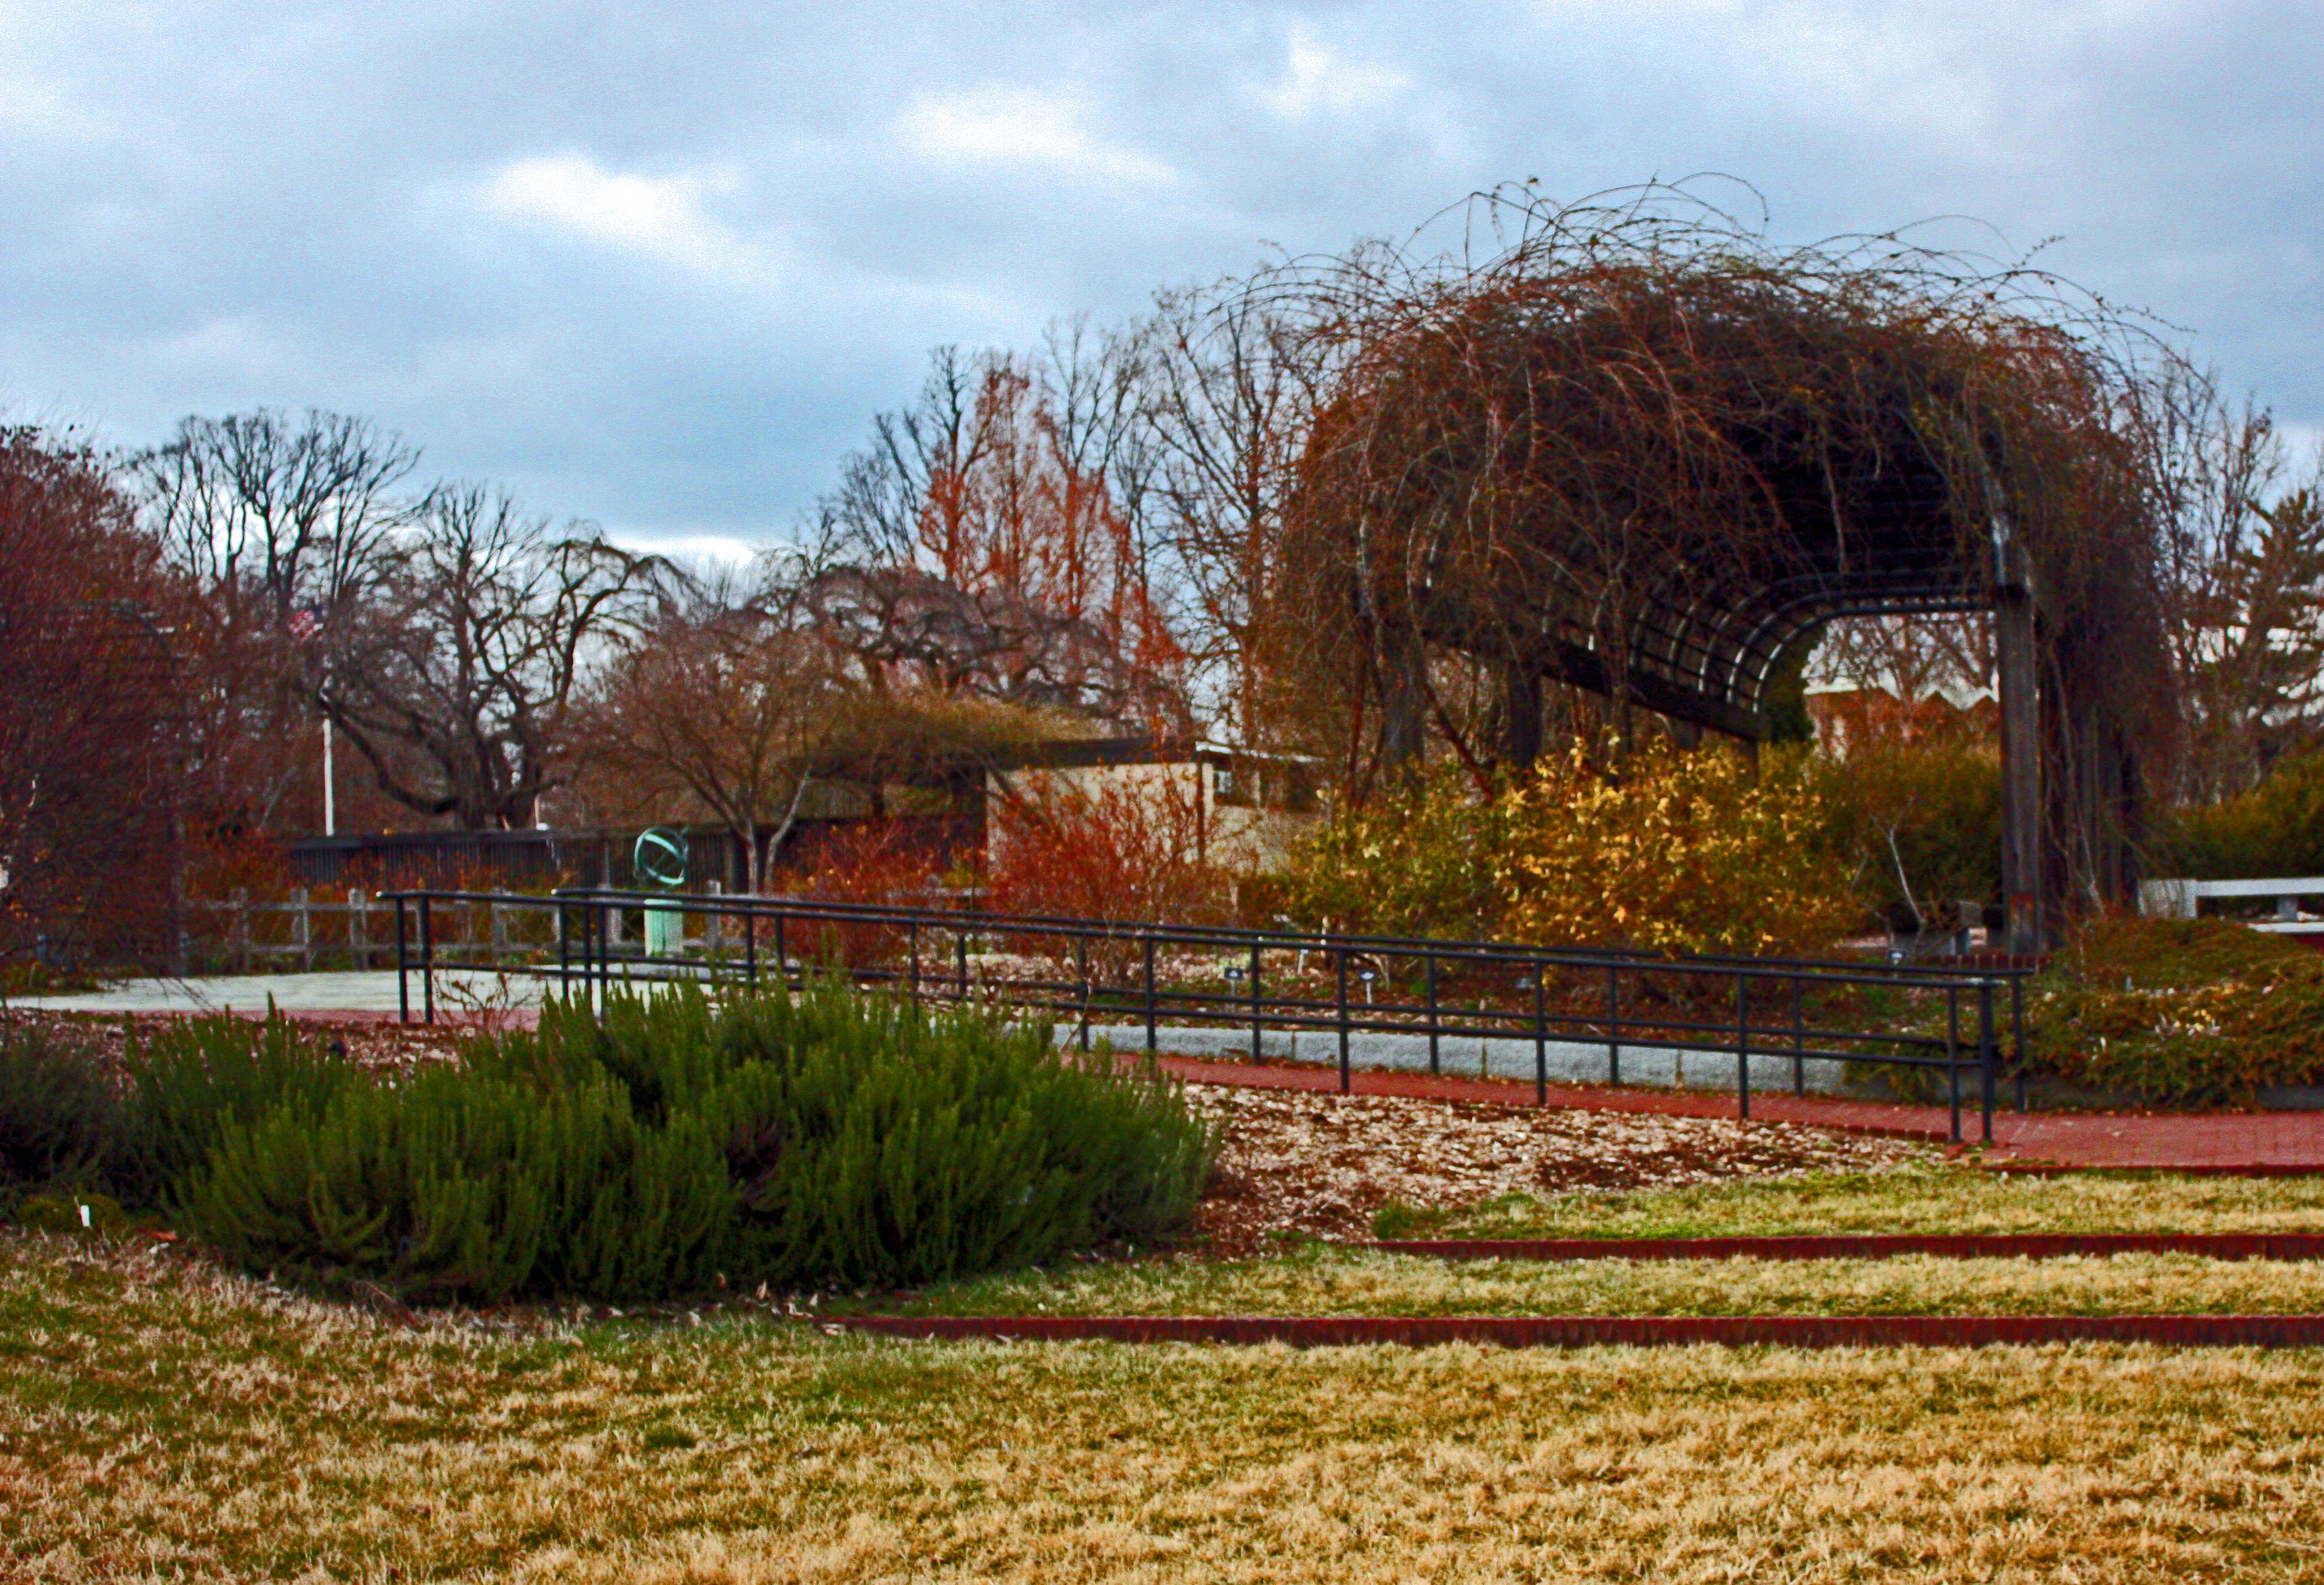 Washington, DC - image 5 - student project